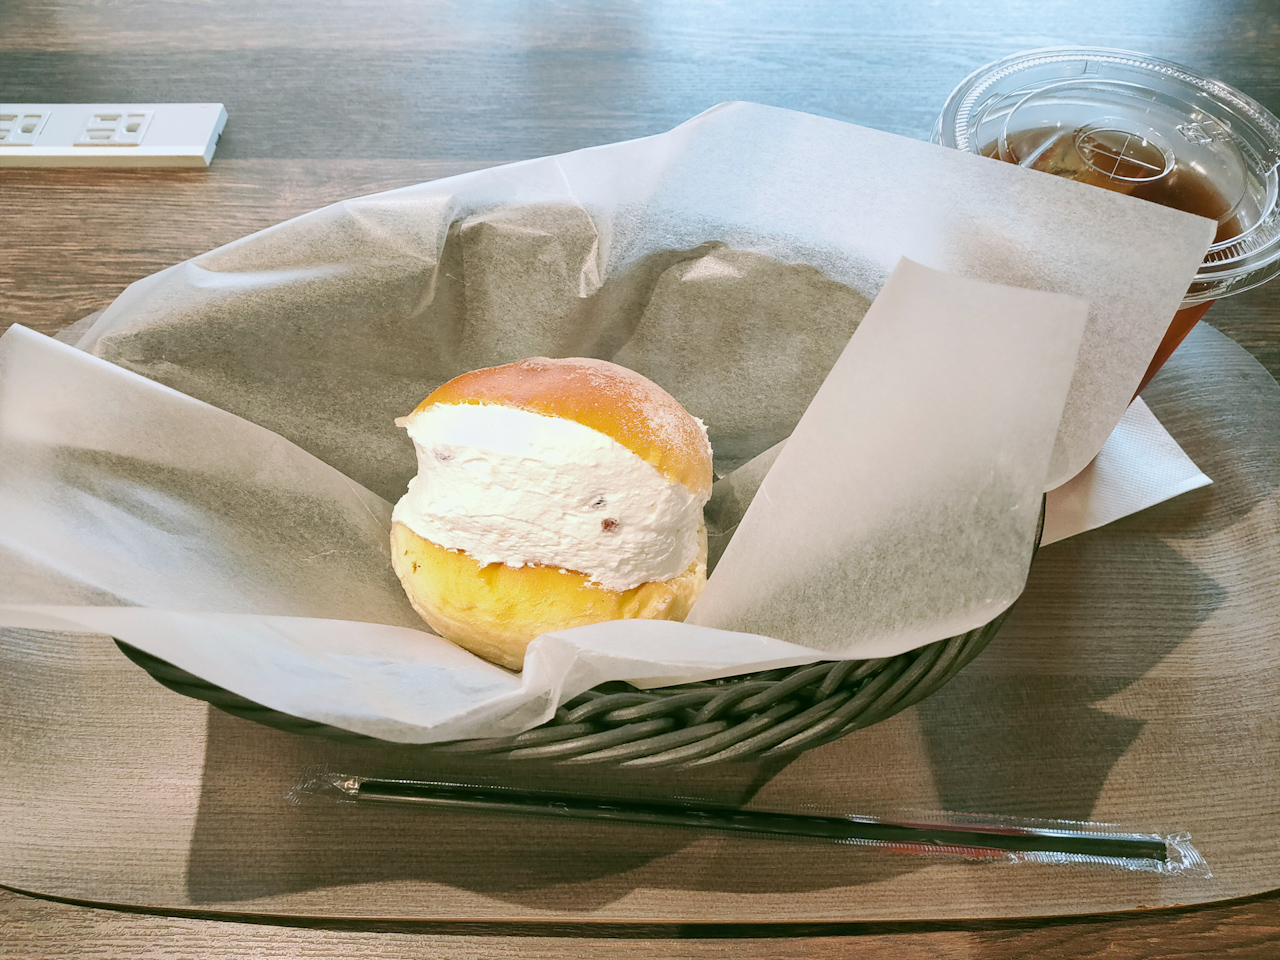 「クリームチーズとクランベリーのマリトッツォ」(206円)と「アイスティー」(286円)